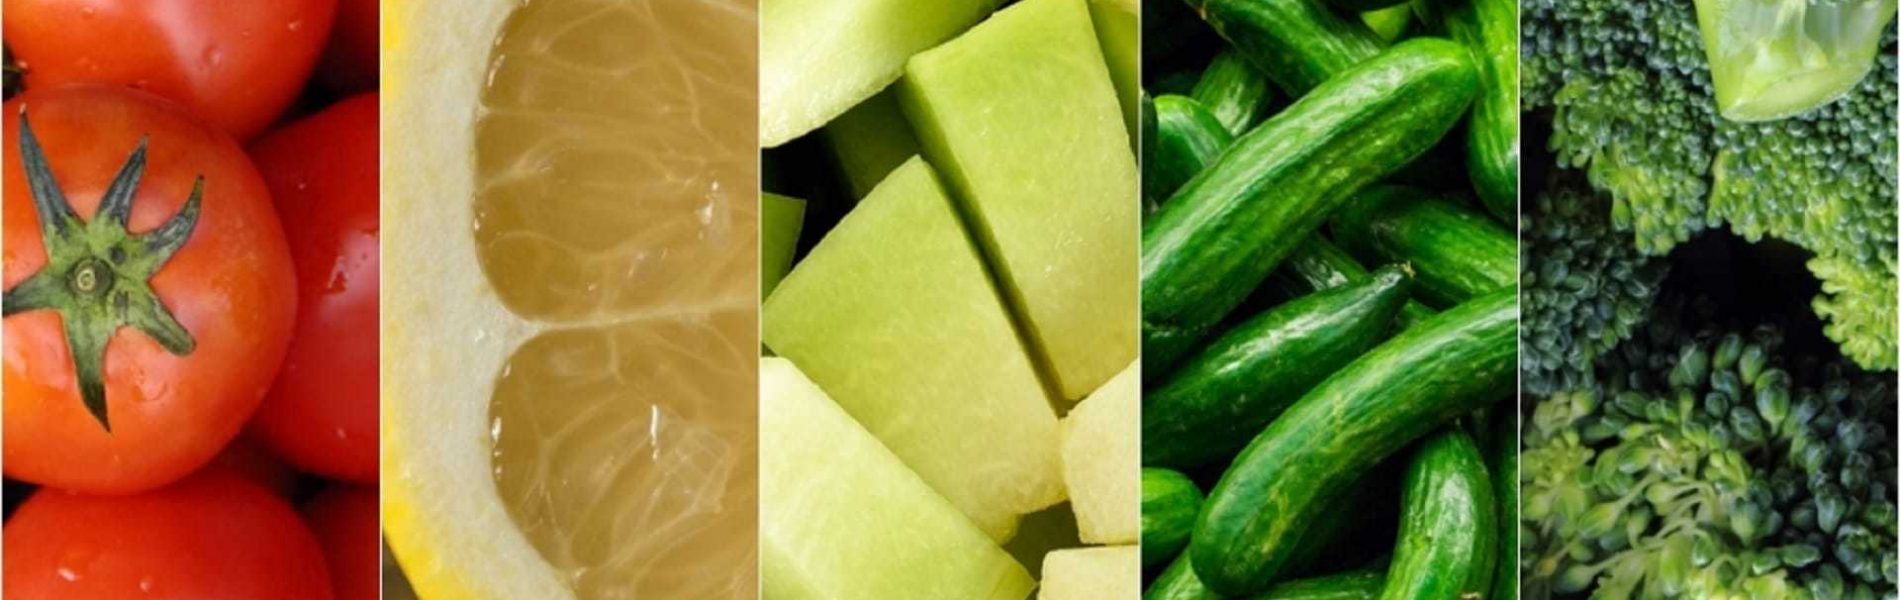 10 מאכלים שאפשר לזלול (כמעט) בלי הגבלה